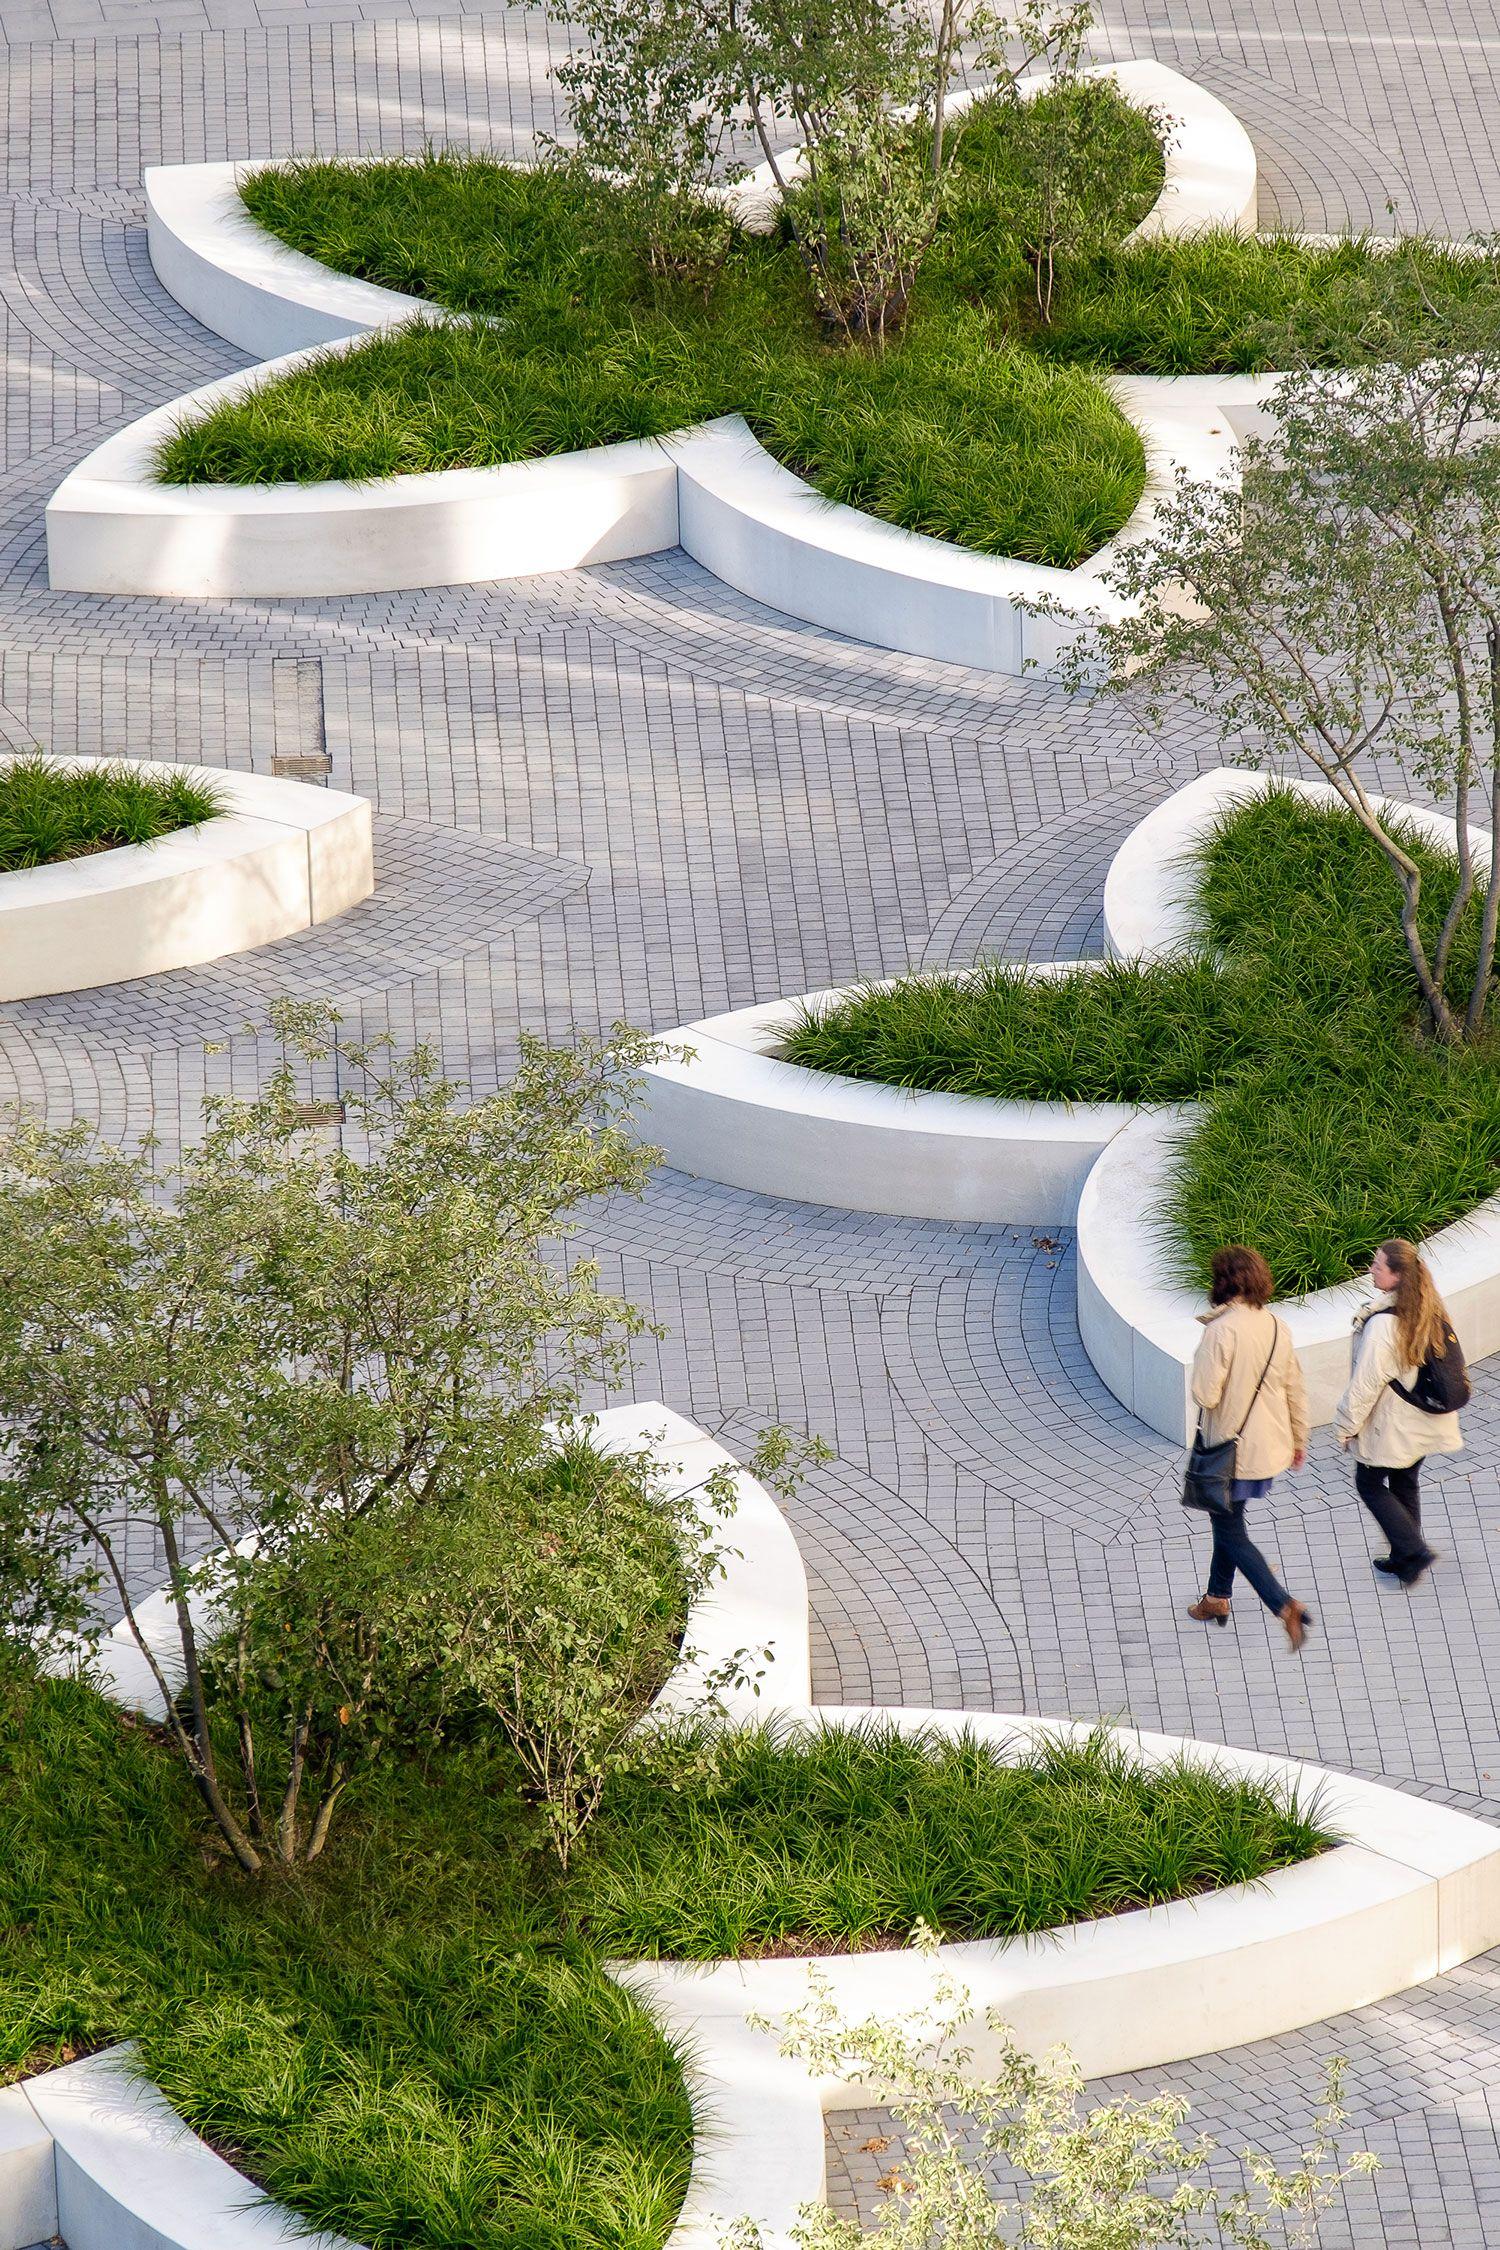 Greenbox Landschaftsarchitekten Landscape Architecture Works Landezine Urban Landscape Design Landscape Architecture Design Landscape Design